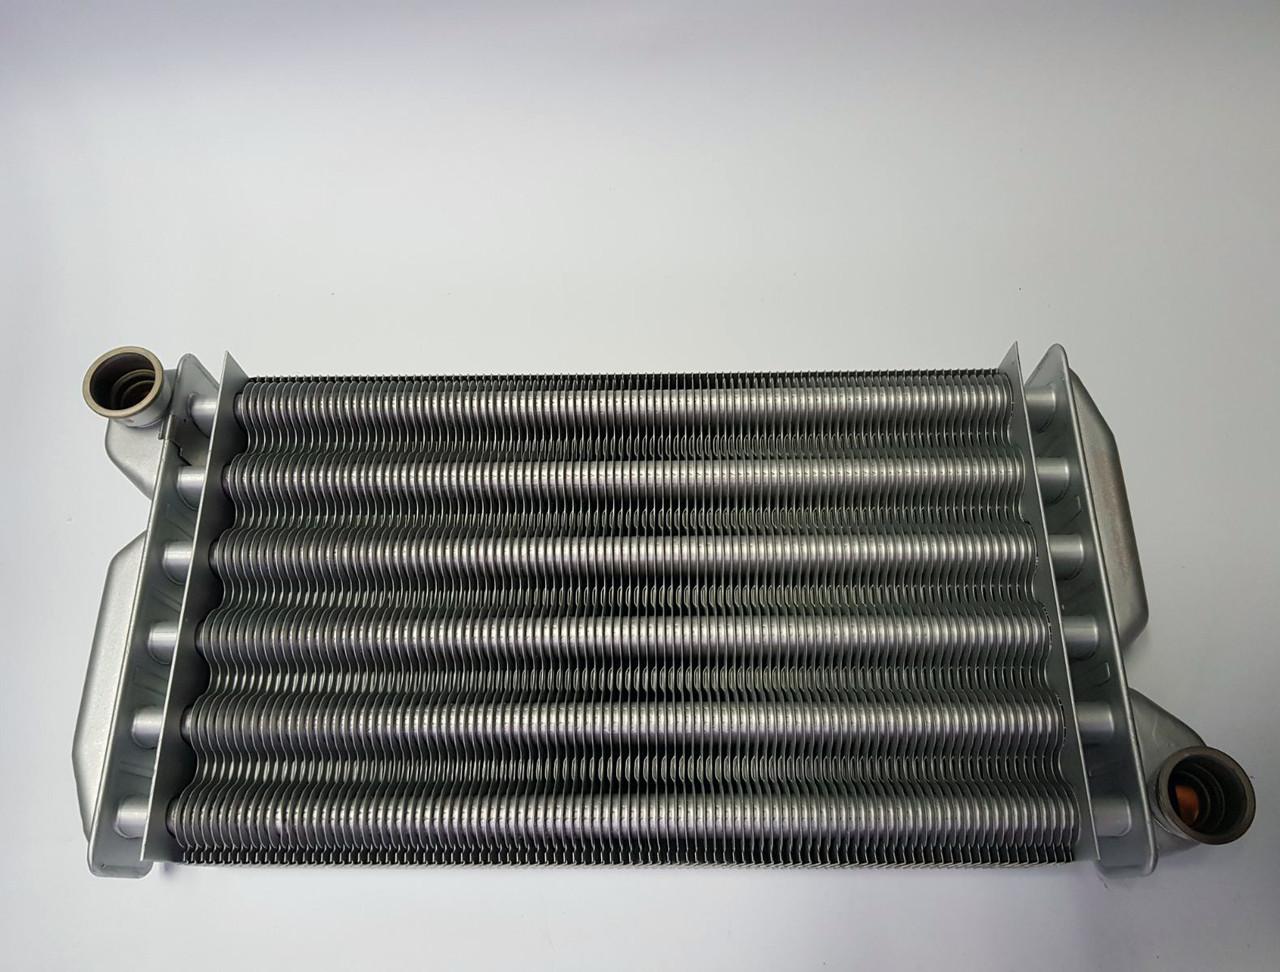 Теплообменник первичный на газовый котел Baxi Eco 3 240, Star Digit 240, Luna 3 Comfort 240 5681190